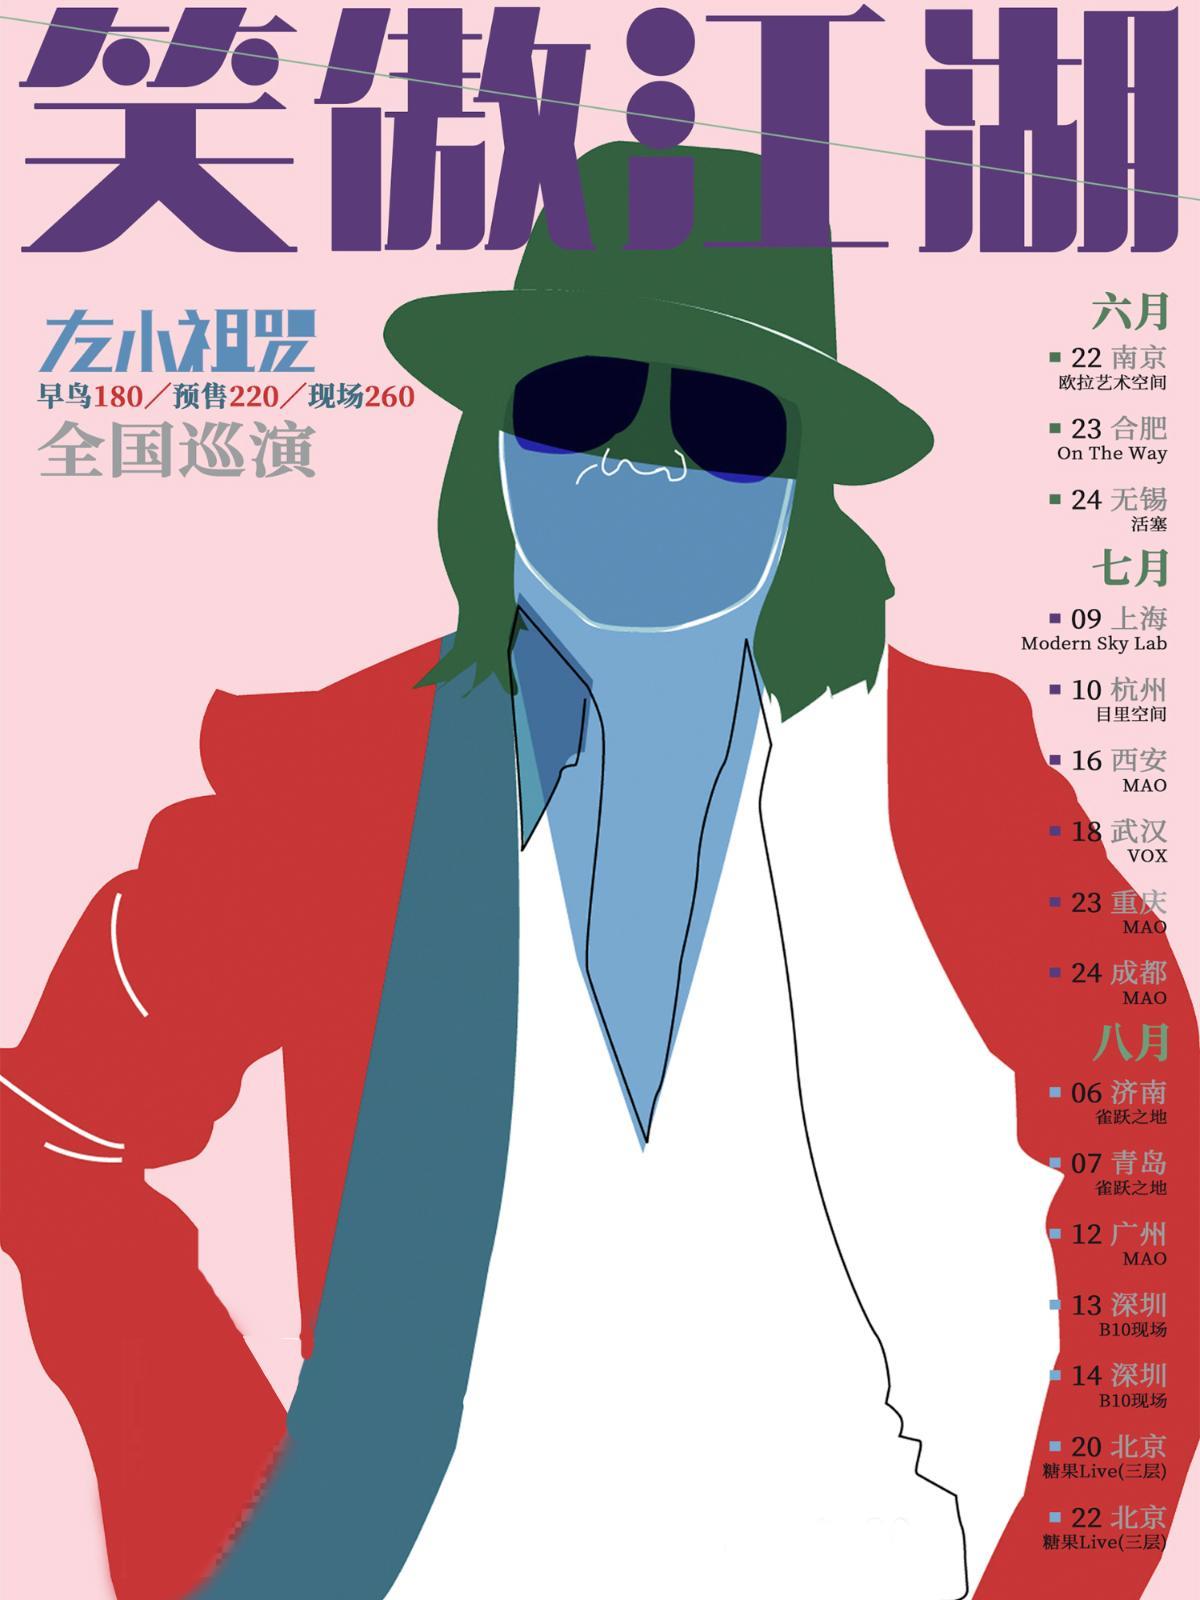 【西安站】「左小祖咒」《笑傲江湖》2021巡演LVH